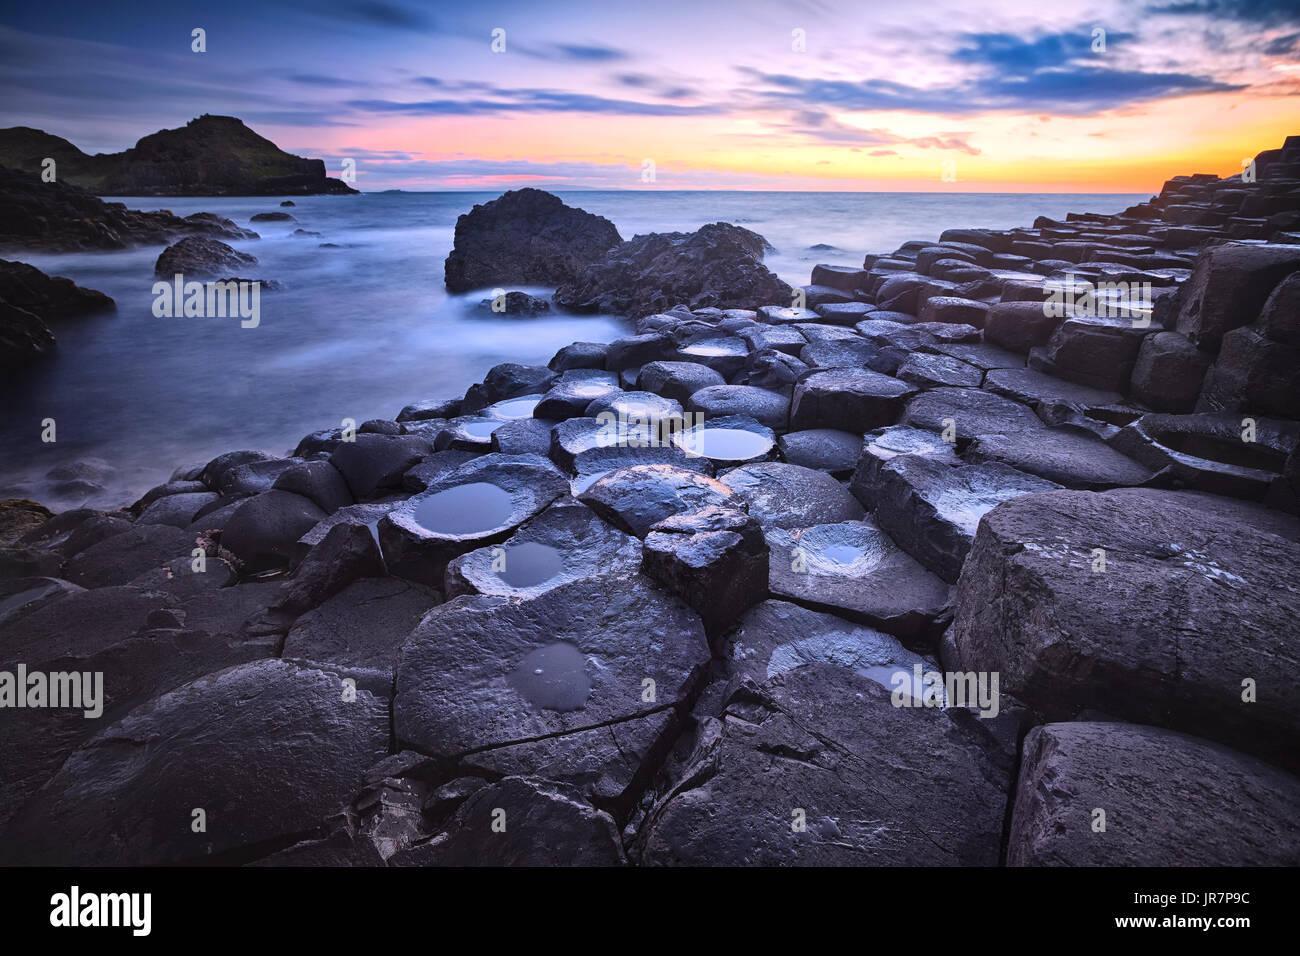 Puesta de sol sobre rocas basálticas formación Giant's Causeway, el puerto y la bahía de gran Stookan Ganny, Condado de Antrim, Irlanda del Norte, REINO UNIDO Imagen De Stock